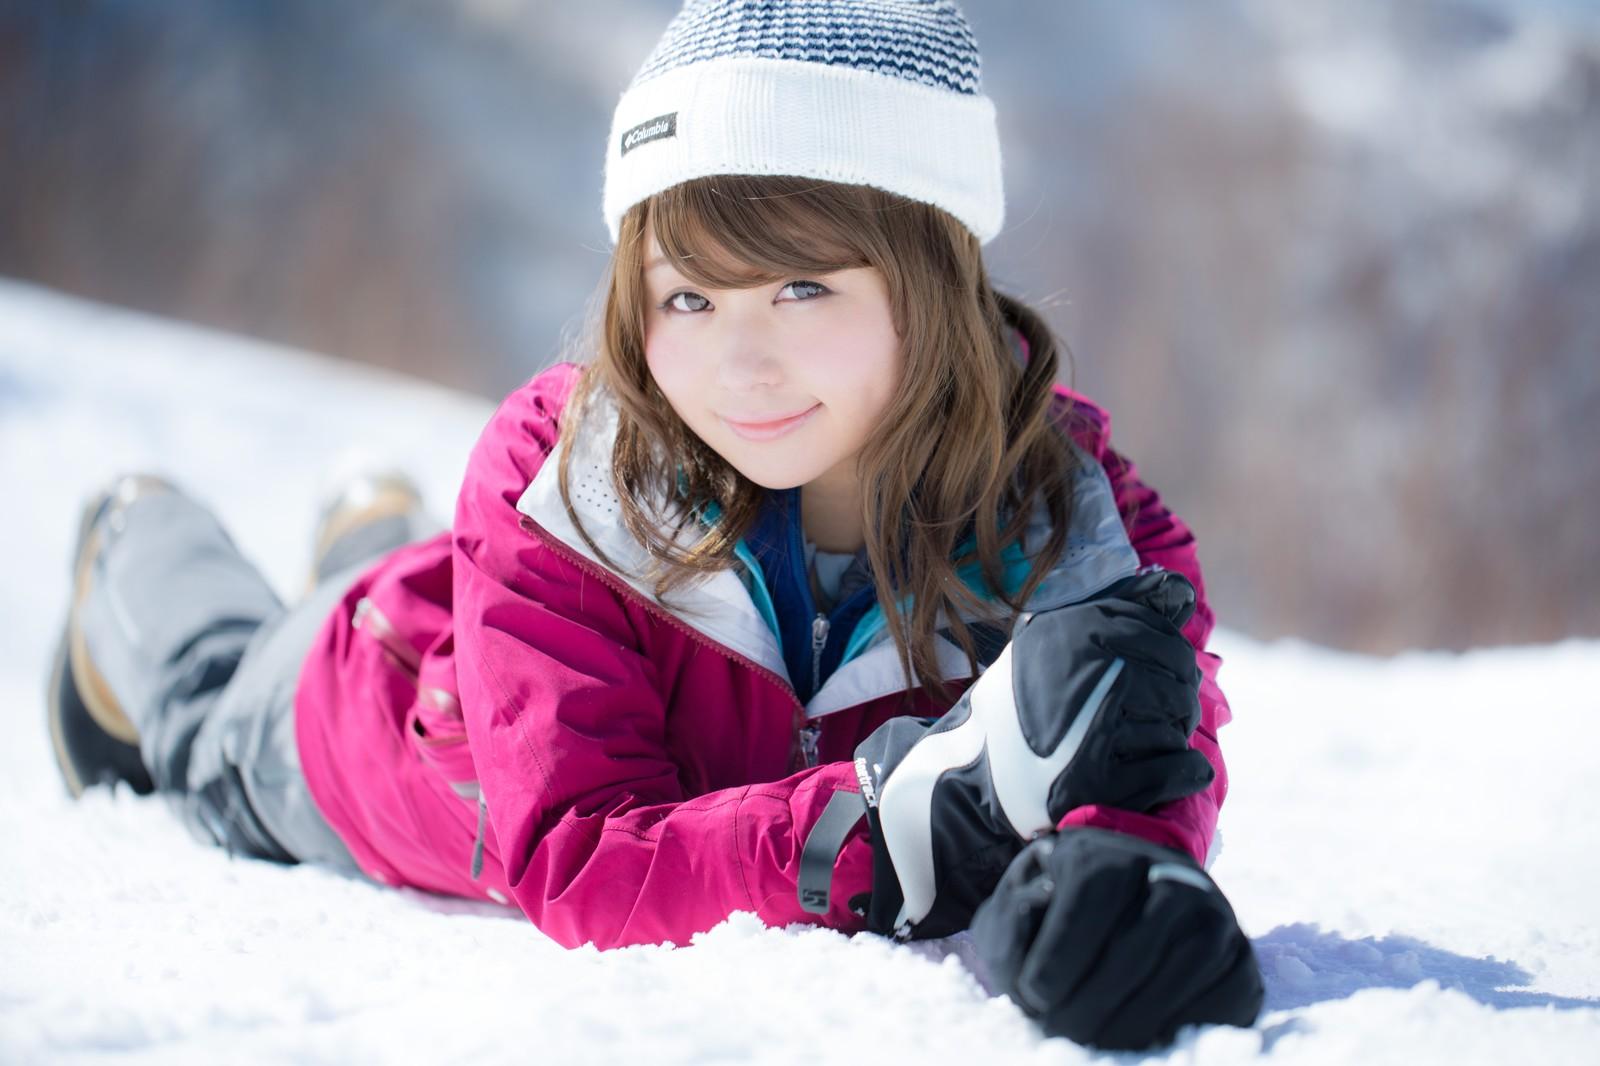 スキー・スノボ初心者&女子必見!持ち物や服装の注意点と必需品